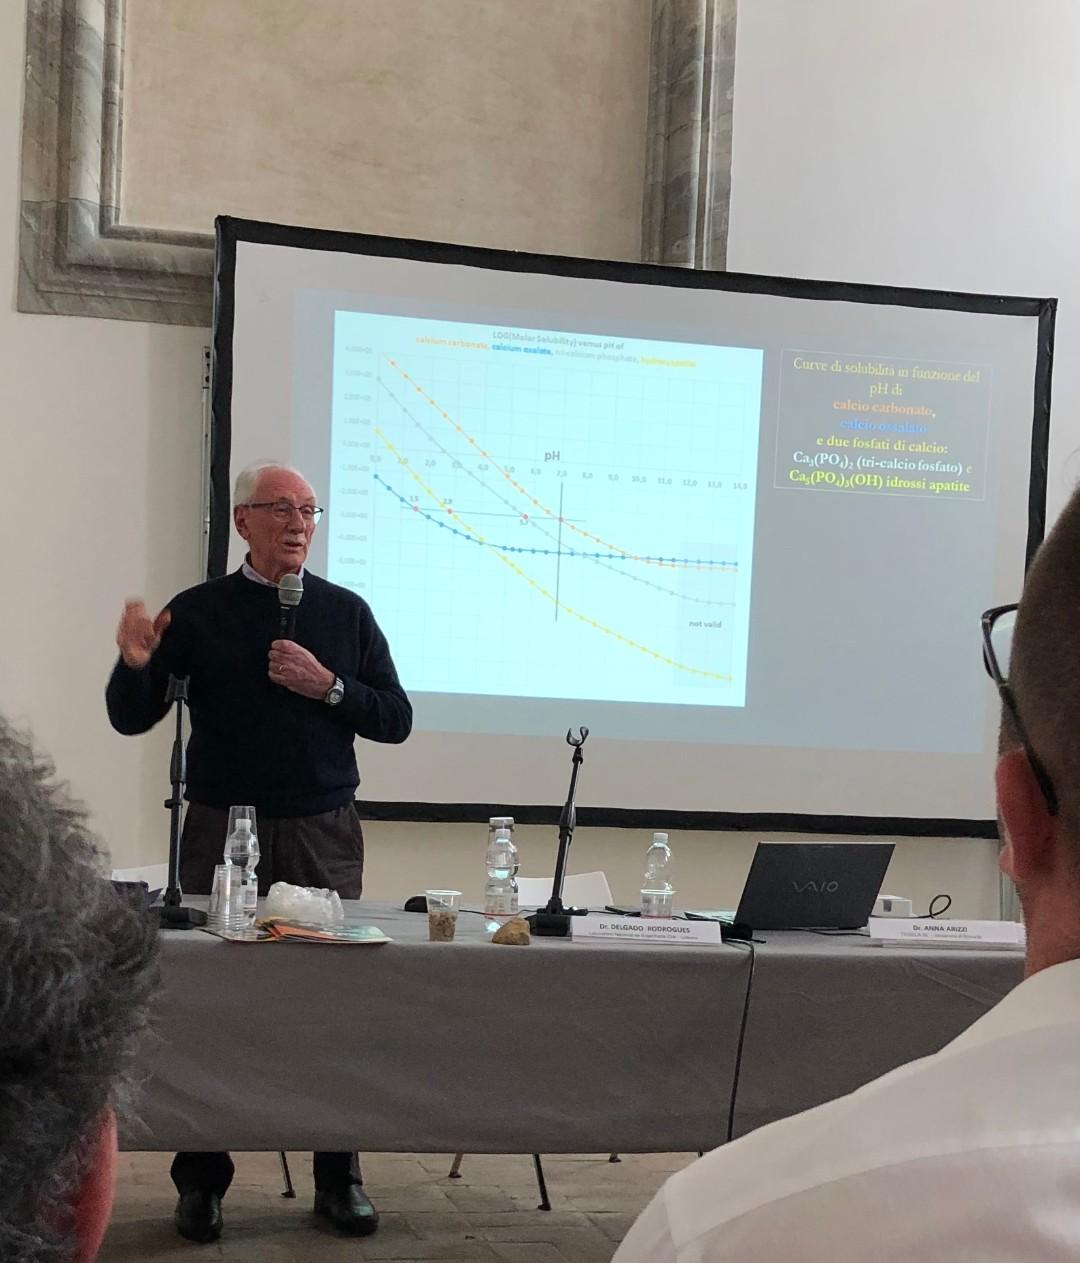 Mauro Matteini (Università di Firenze) - Soluzioni inorganiche; trattamenti nella pratica nei cantieri (fosfato e ossalto) (1)